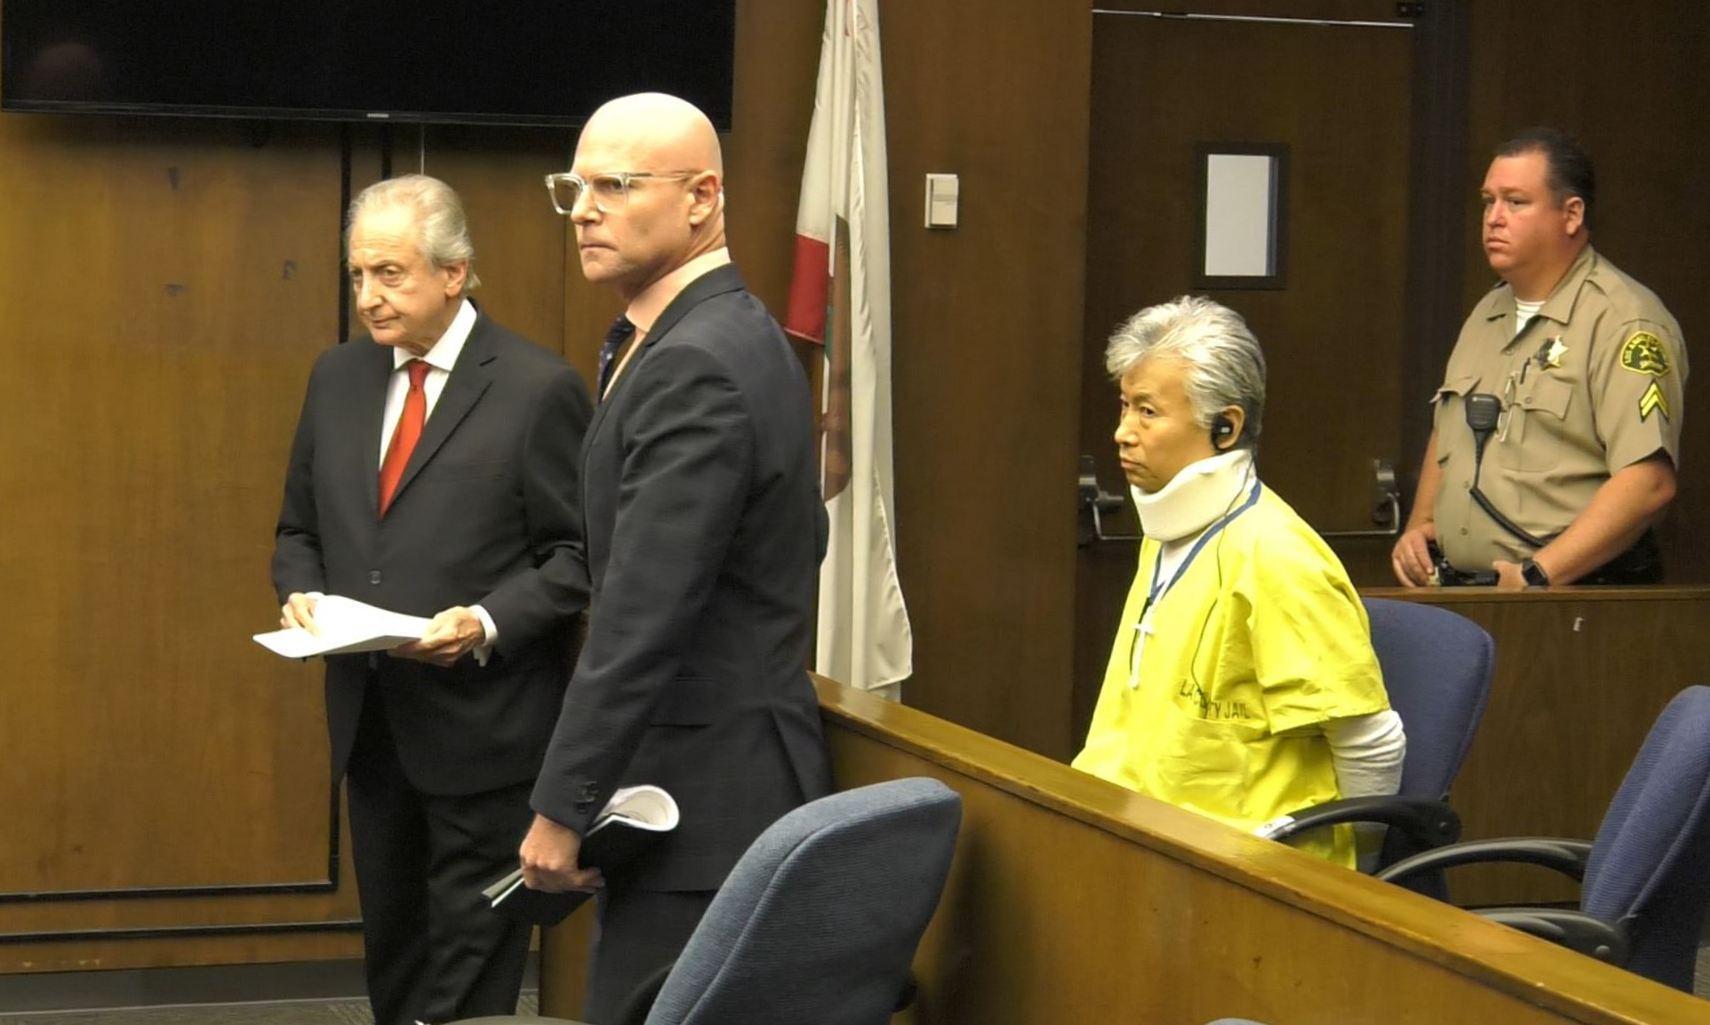 7月1日,陳忠啟頭戴護頸於阿罕布拉法庭過堂,其兩位律師馬克斯(Donald B. Marks,左)和凱文諾基(Darren T. Kavinoky)陪伴在旁。(華語電視SinoTV提供)